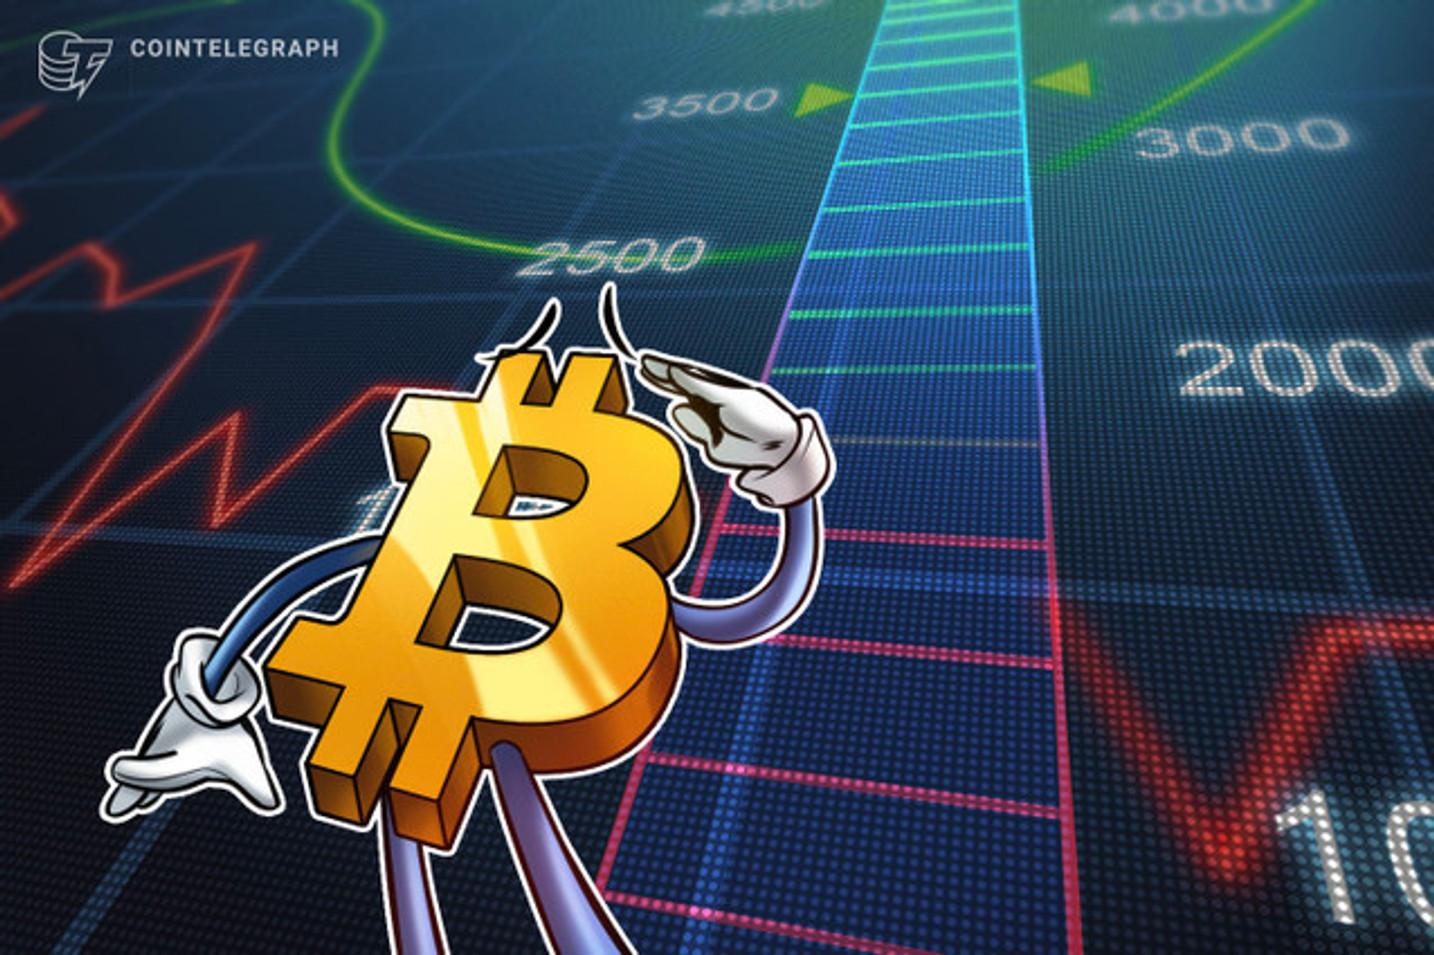 """Interés abierto de Bitcoin se dispara a USD 4 billones por primera vez desde el """"Jueves Negro"""""""